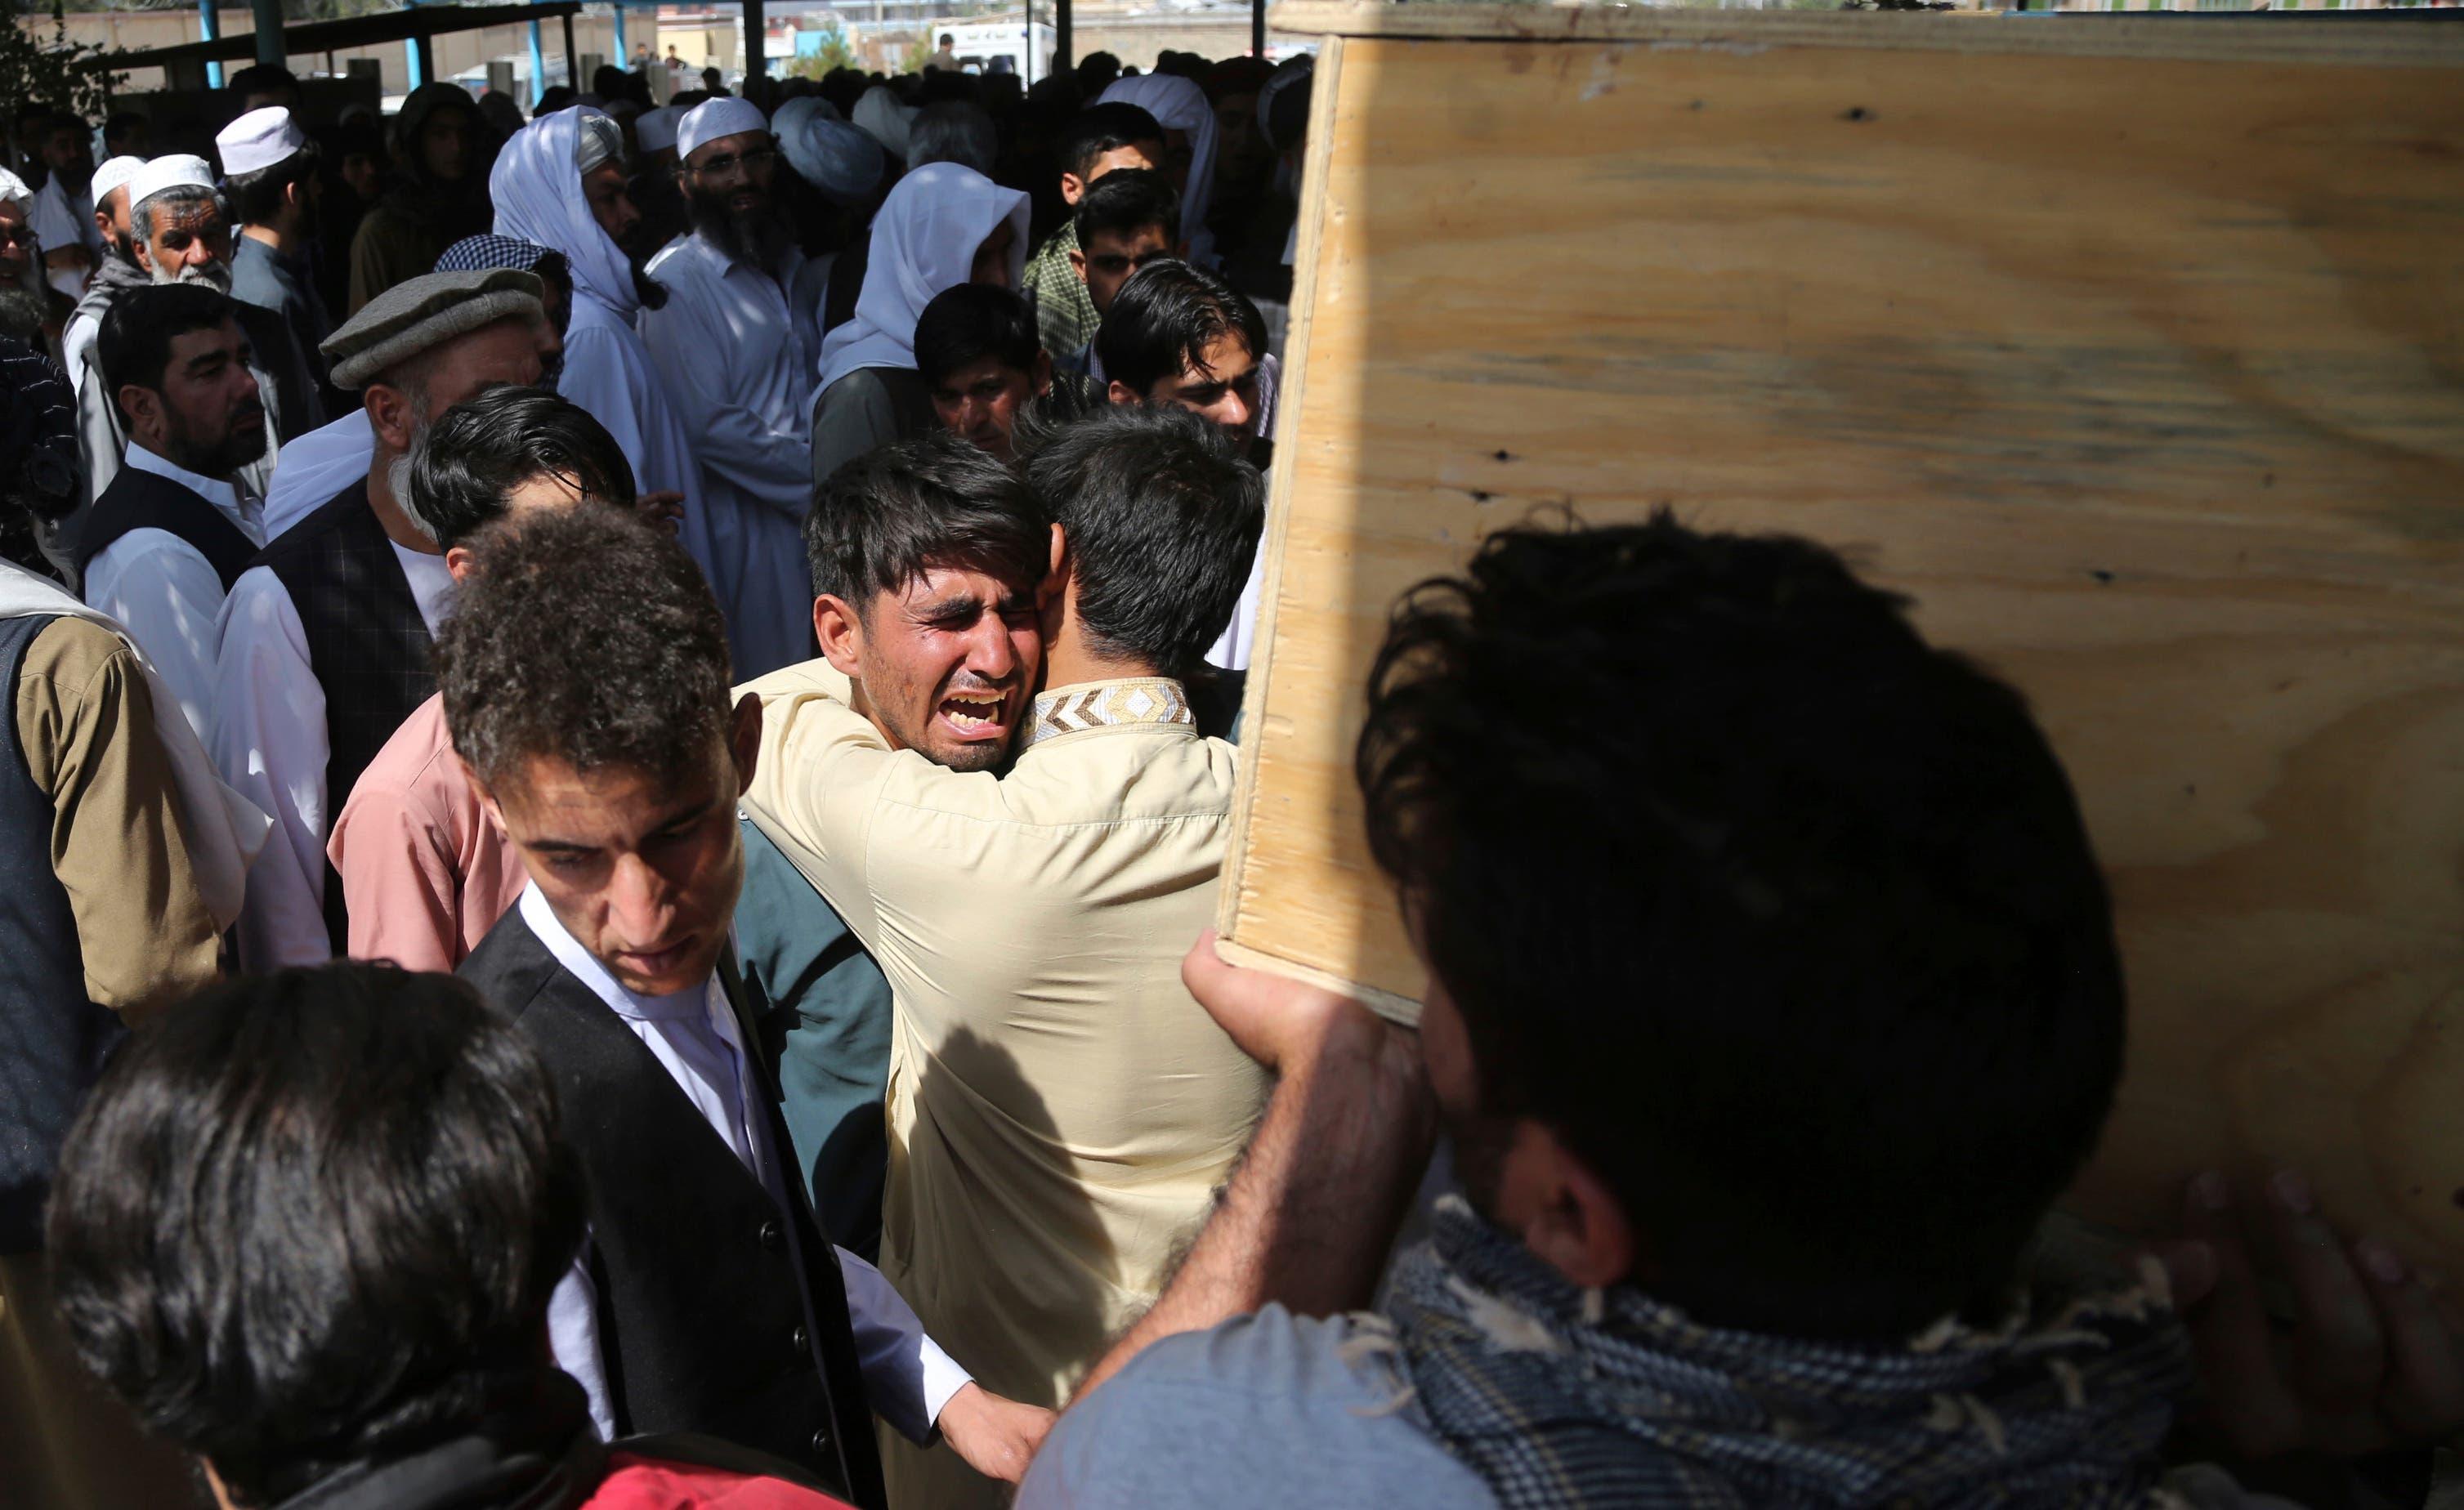 El Estado Islámico tiñe de rojo una boda en Kabul con un ataque que deja 63 muertos y 182 heridos